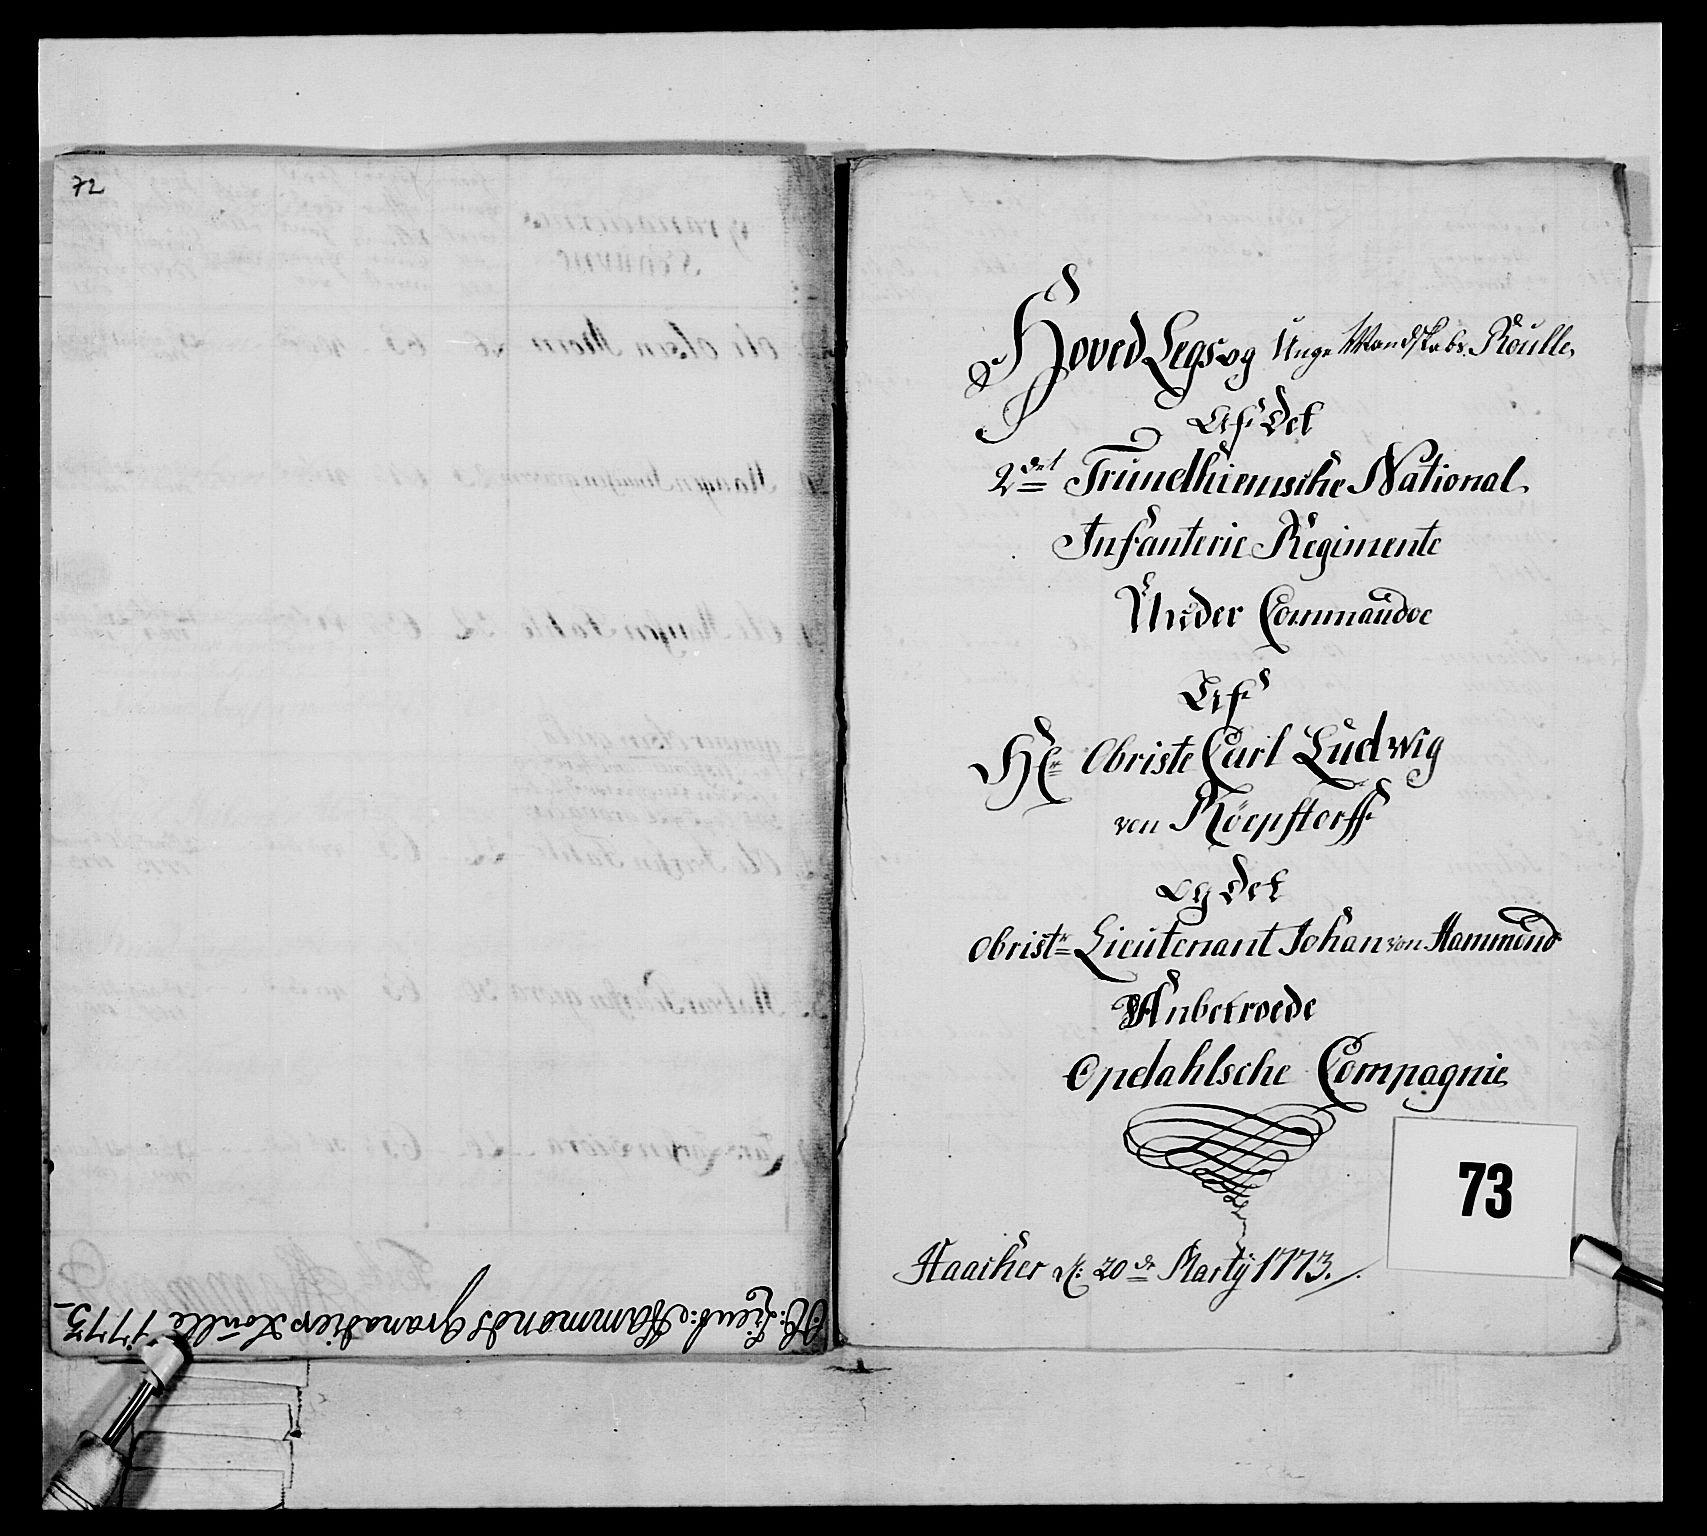 RA, Generalitets- og kommissariatskollegiet, Det kongelige norske kommissariatskollegium, E/Eh/L0076: 2. Trondheimske nasjonale infanteriregiment, 1766-1773, s. 319